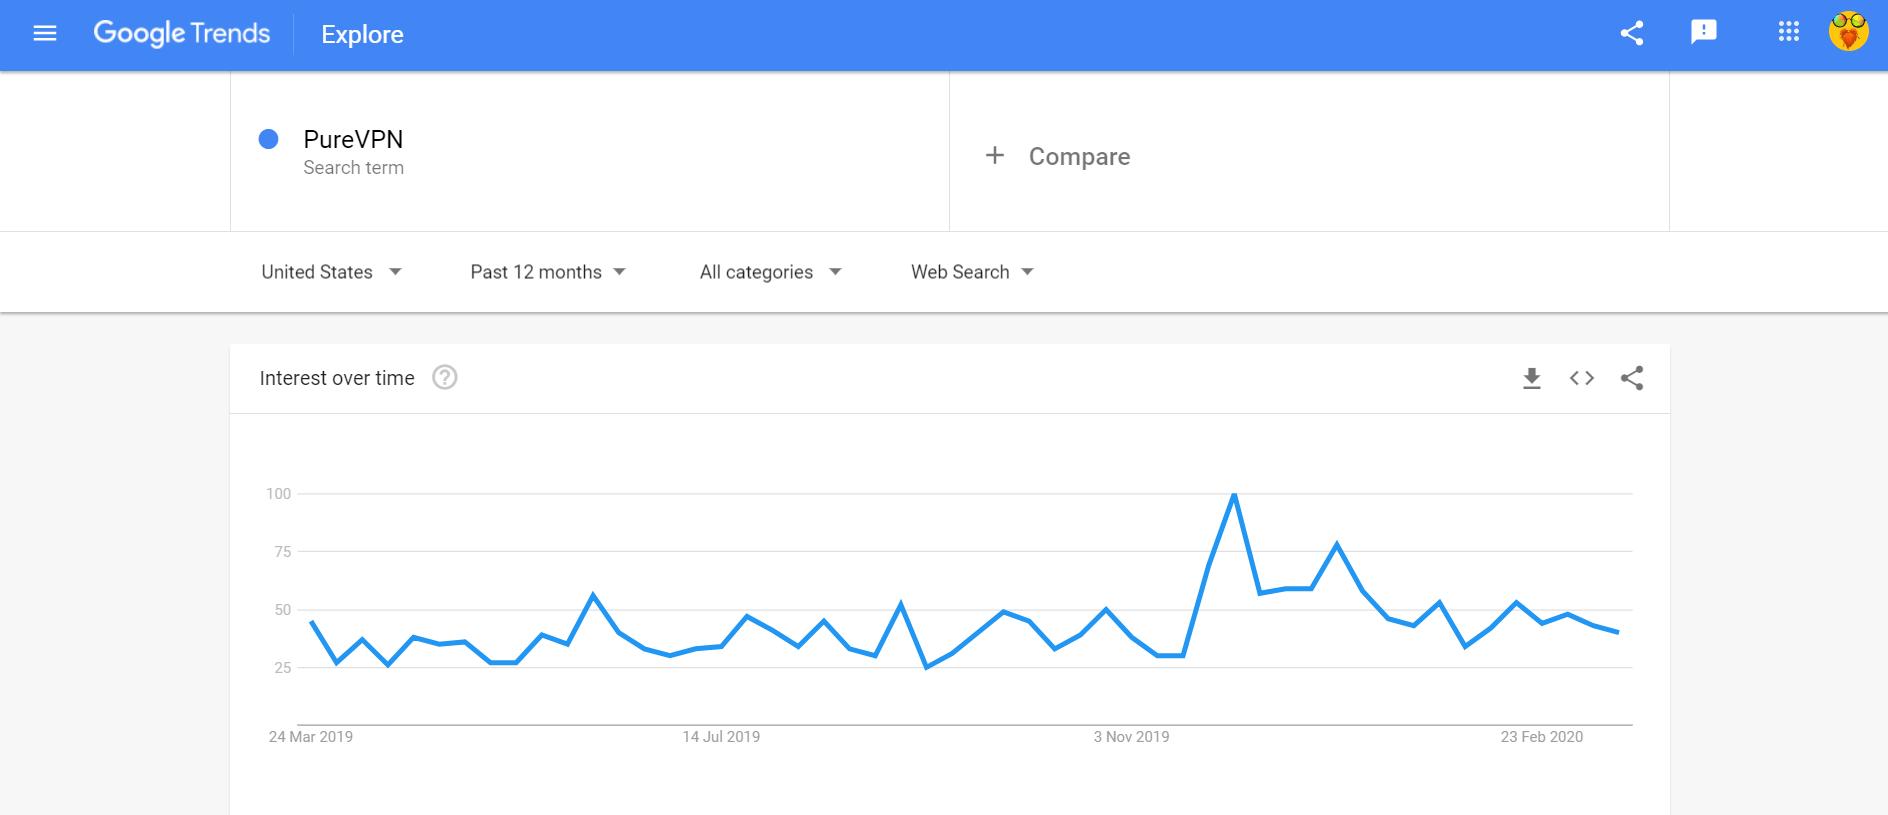 Google trends PureVPN